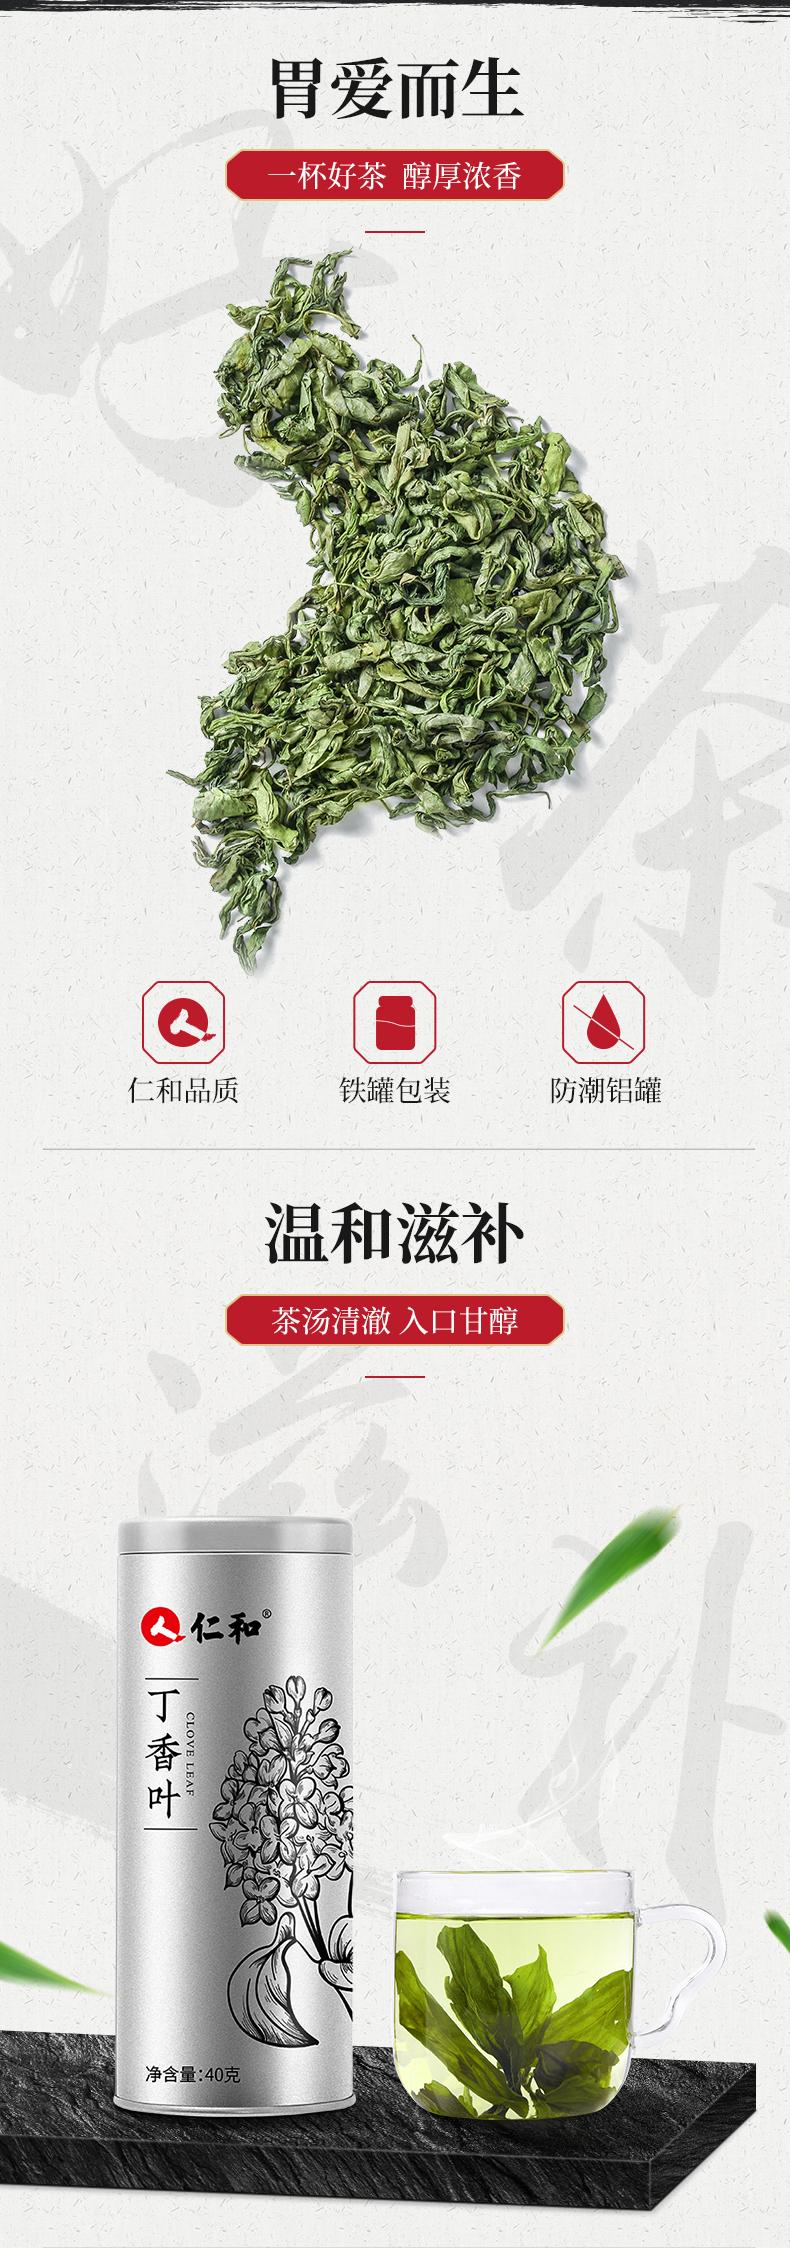 仁和 野生长白山丁香茶 40g 养胃抗菌 抑制幽门螺旋杆菌 图3